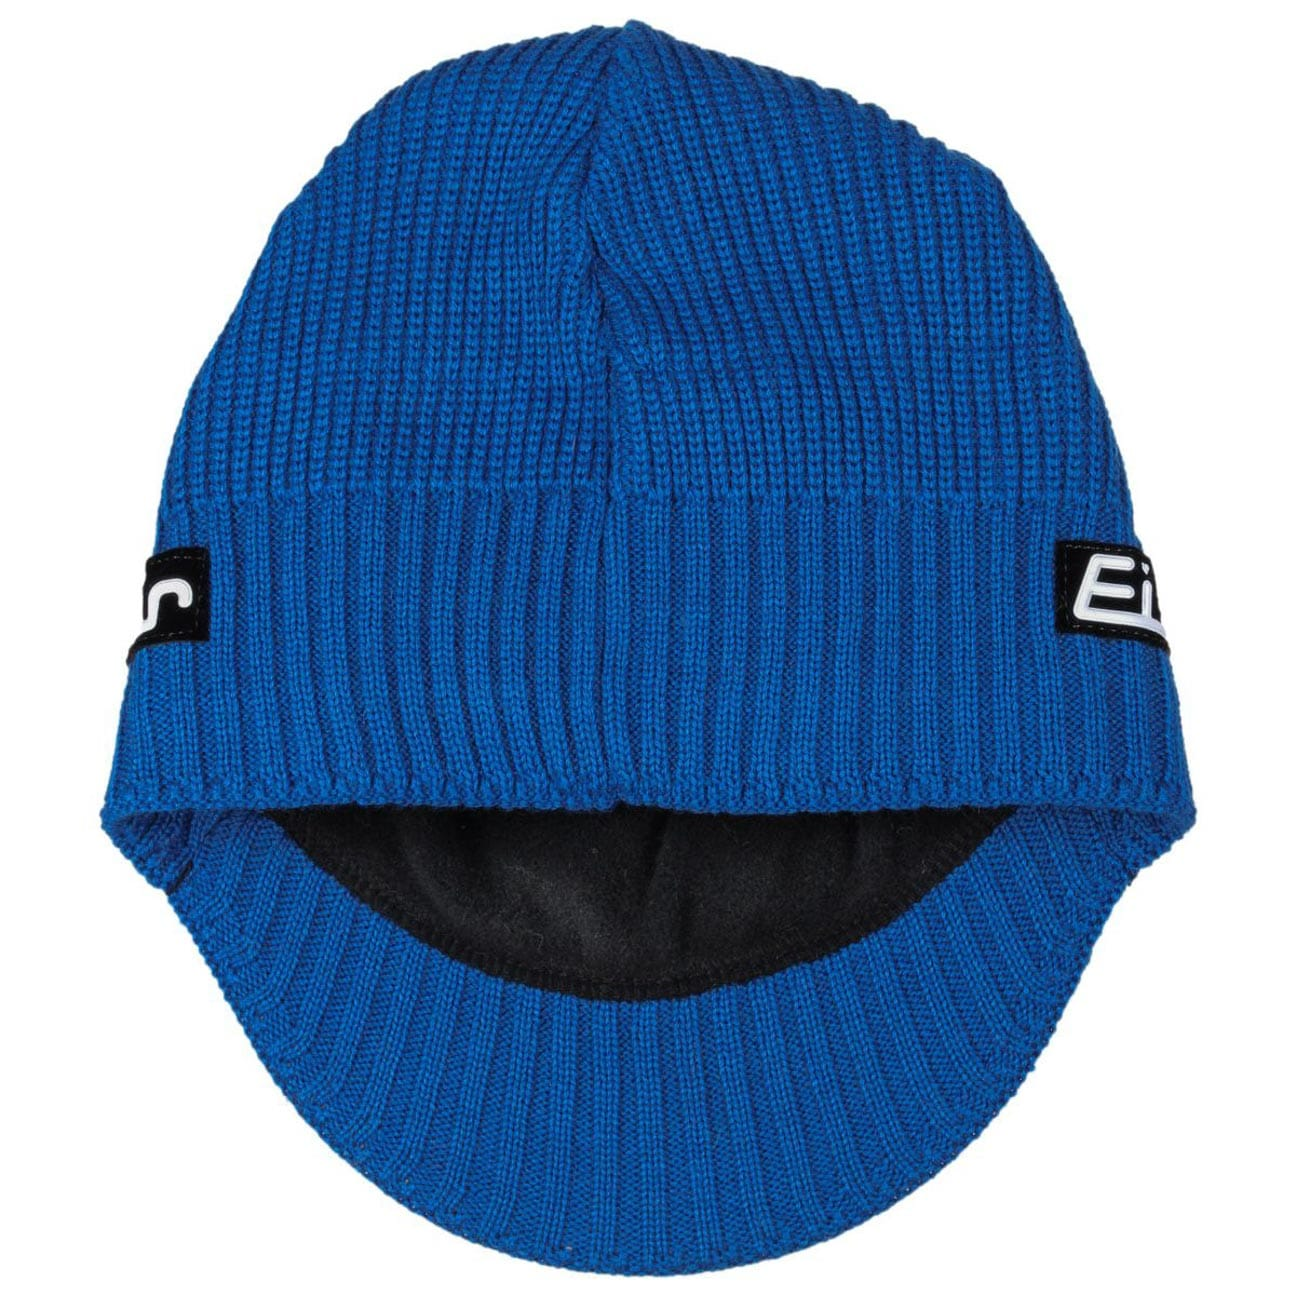 Cap Skipool con Visiera by Eisbär - blu Savoia 2 ... 60361ced90d0